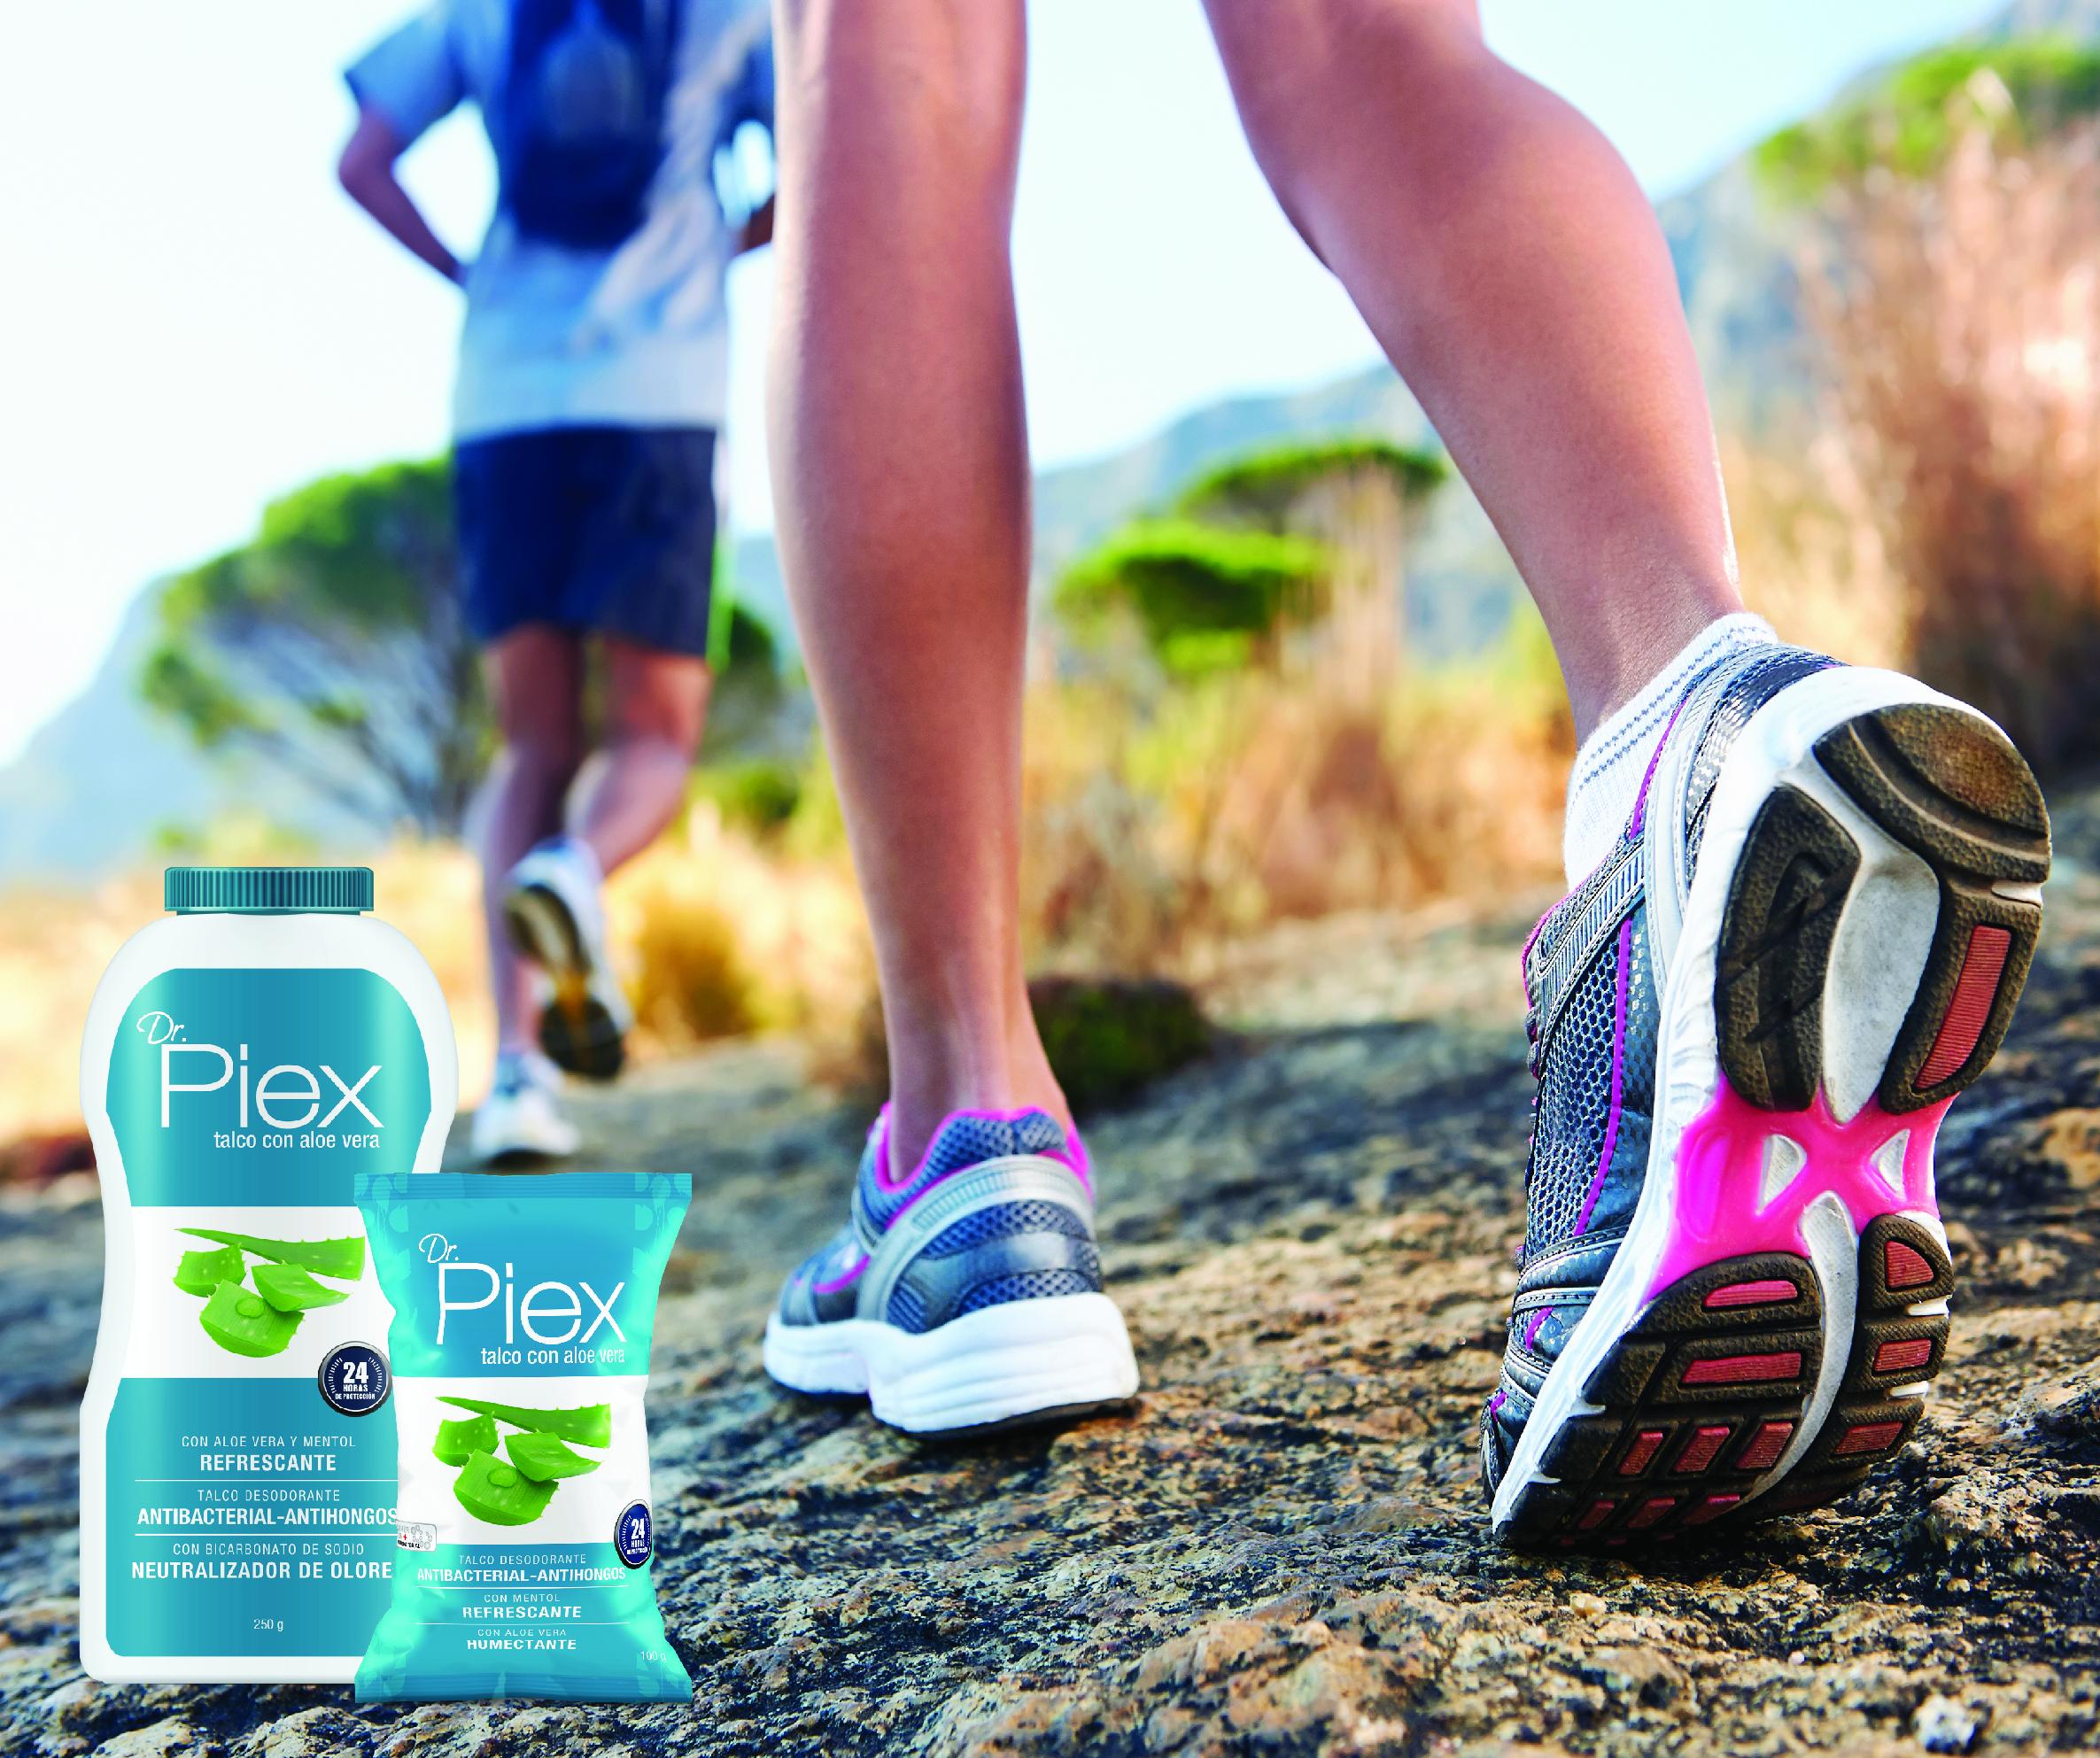 PIEX: Pies limpios y frescos siempre.